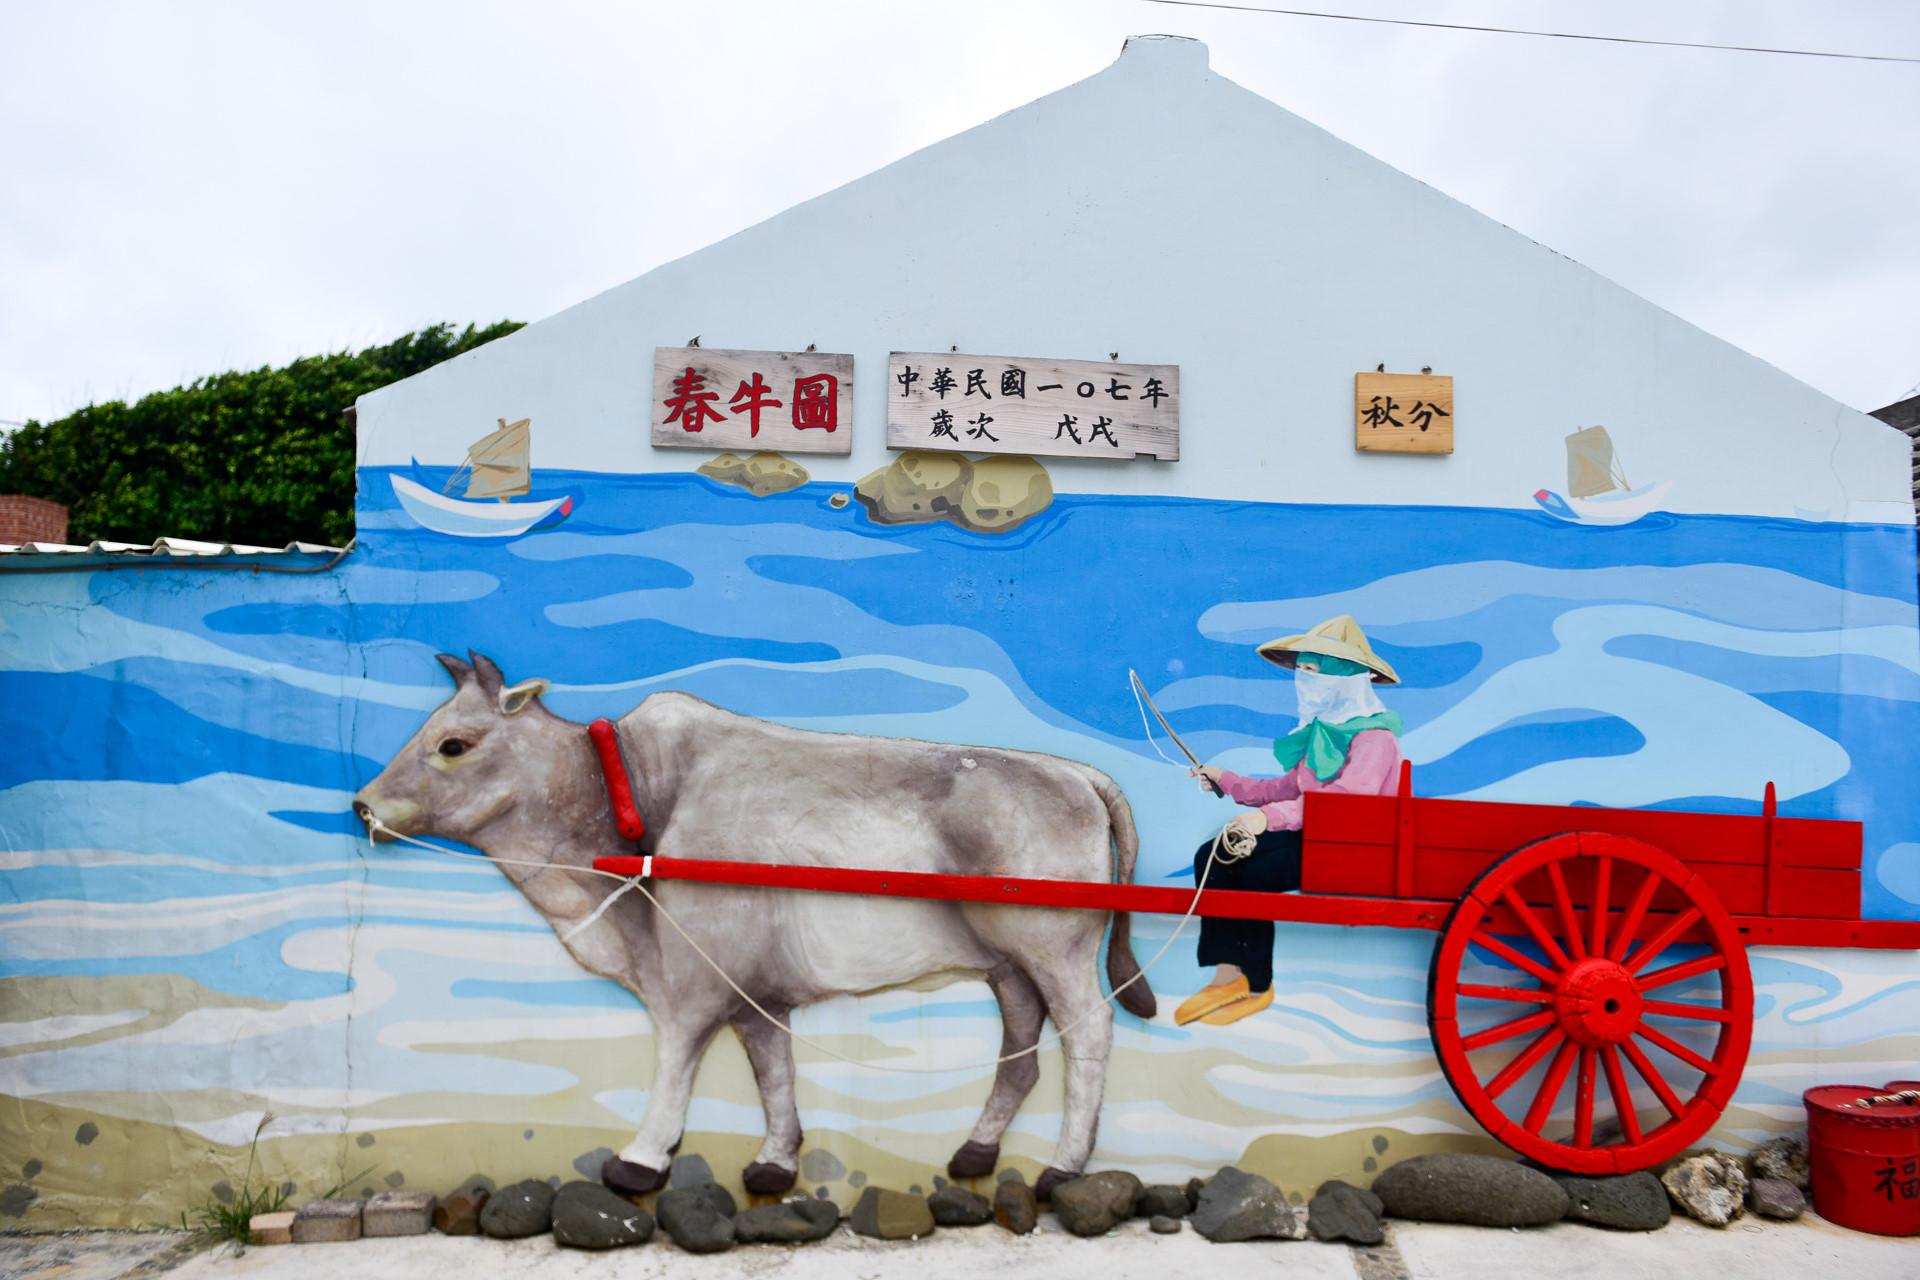 Viên ngọc của Thượng Đế trên eo biển Đài Loan Ảnh 13